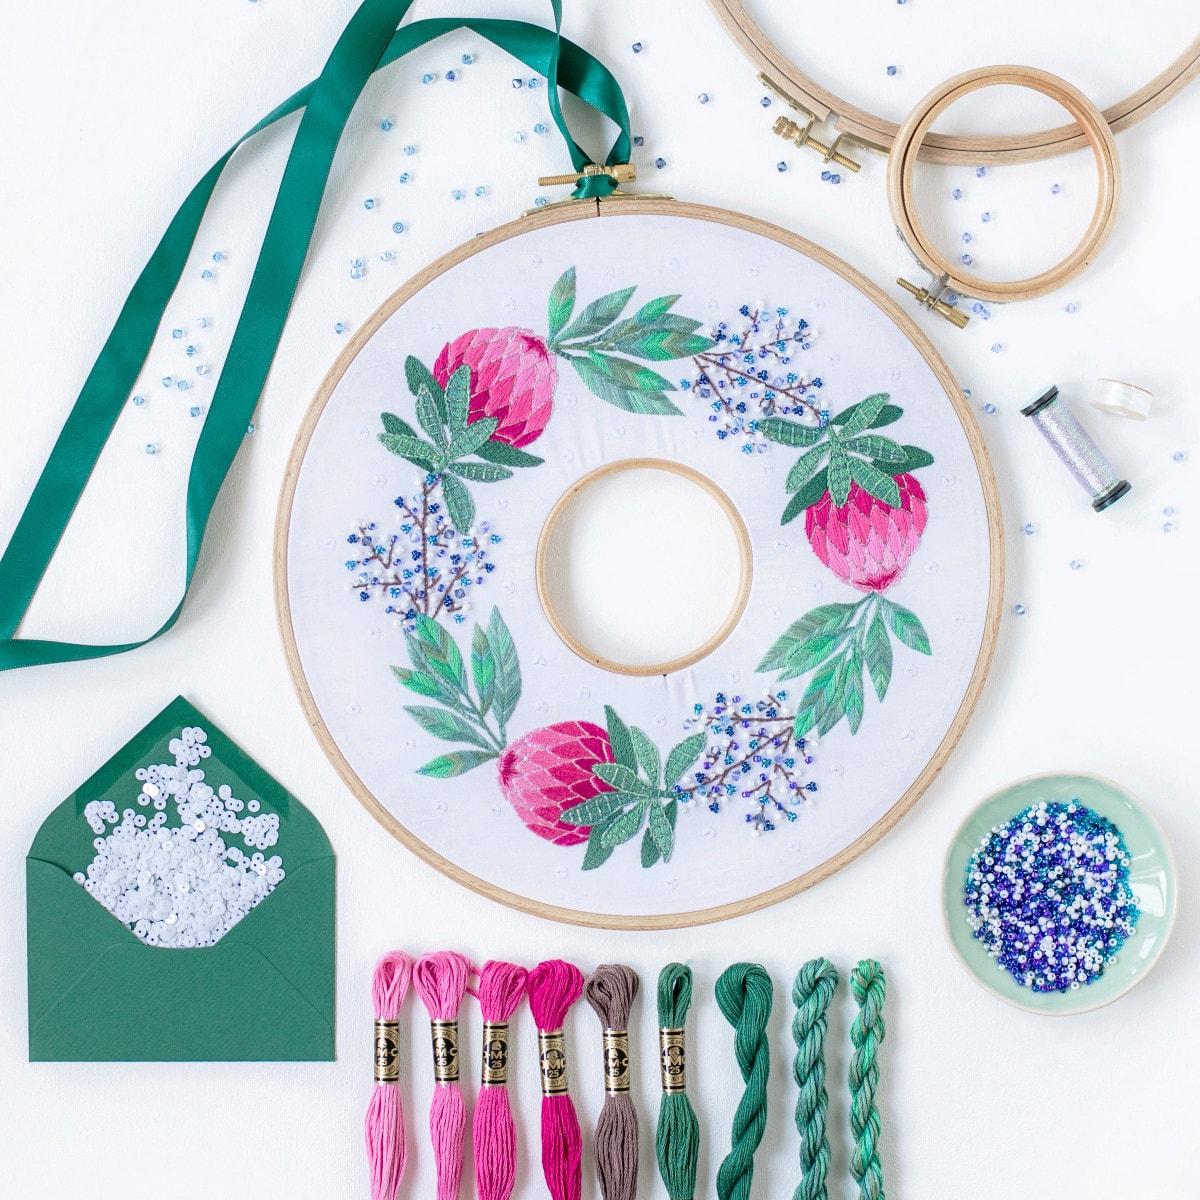 Modernen Weihnachtskranz sticken mit Protea